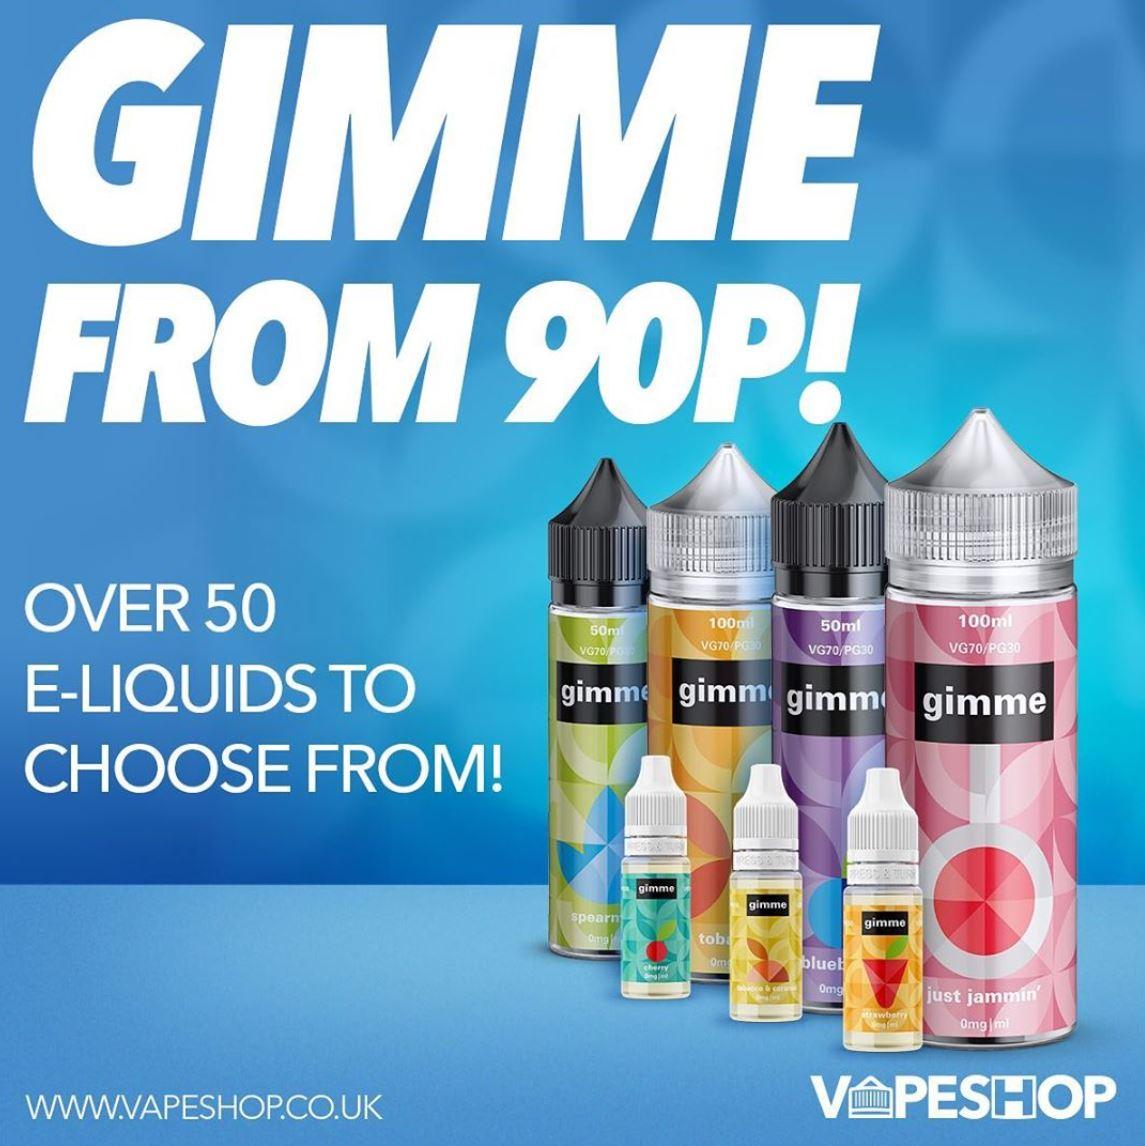 Gimme 10ml E-liquid – £0.90